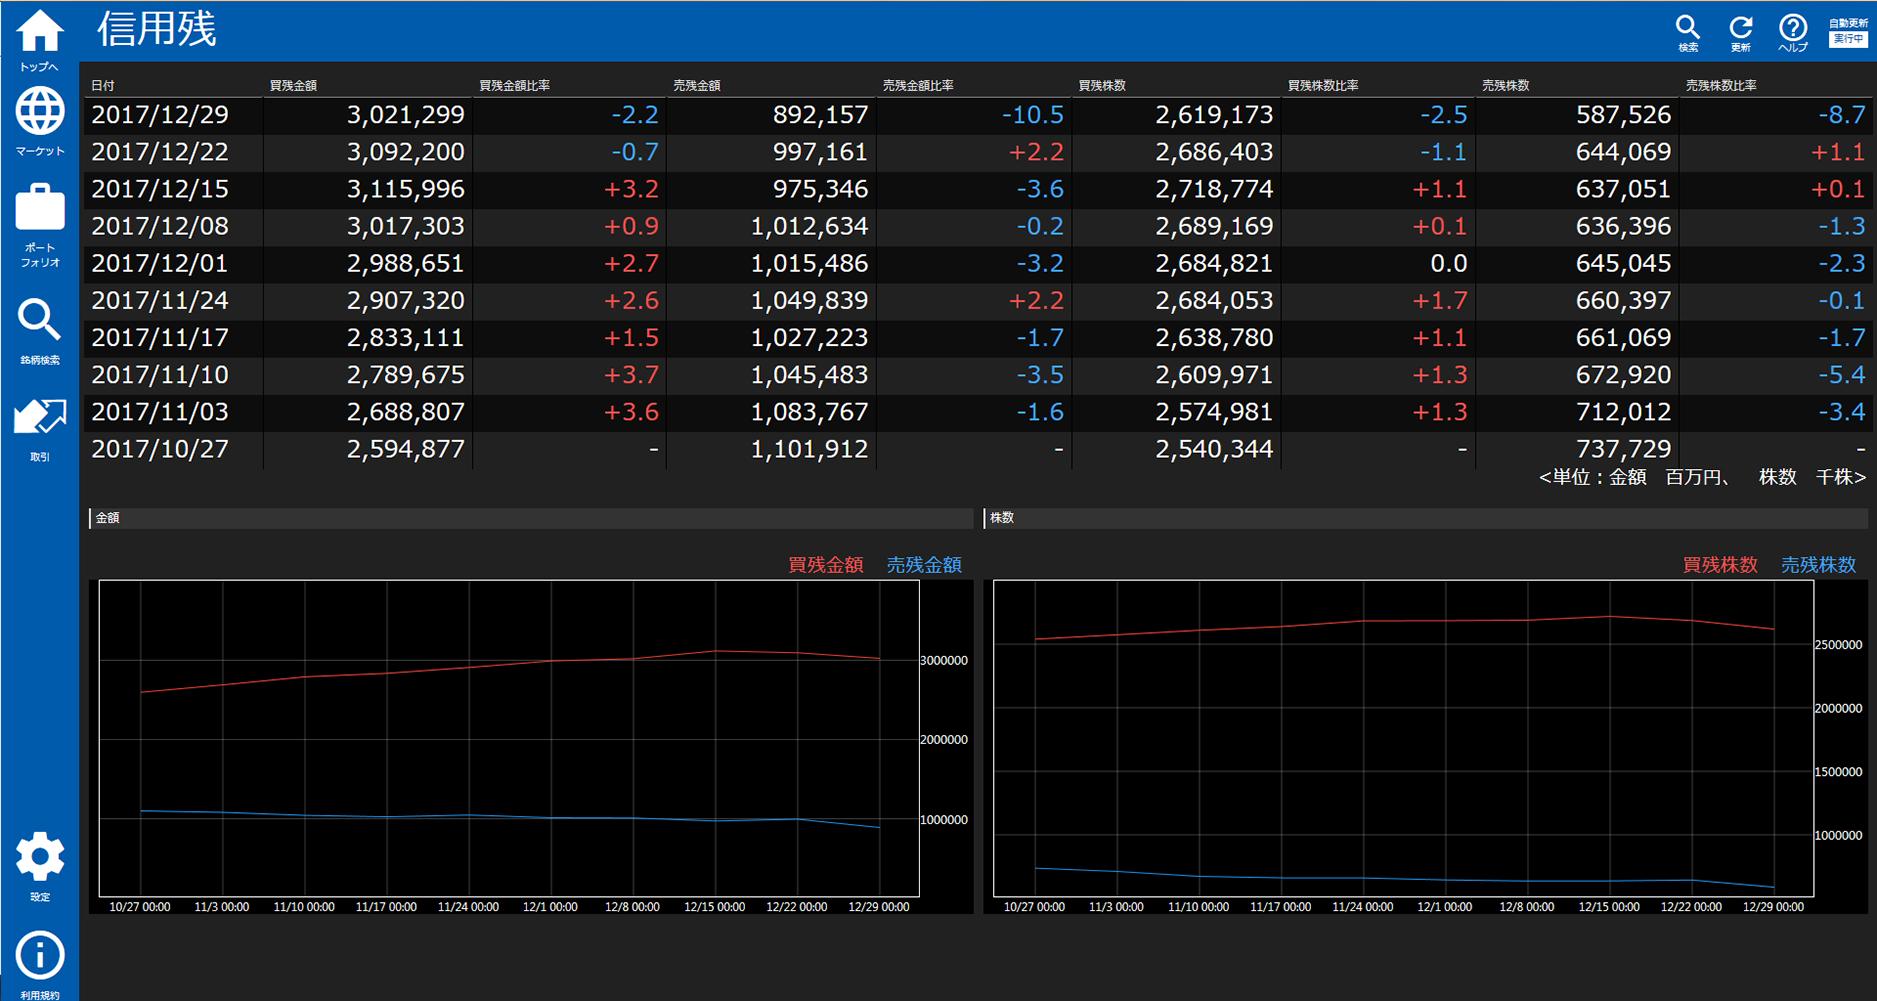 投資情報サービス 株価ボード のご案内 ひろぎん証券